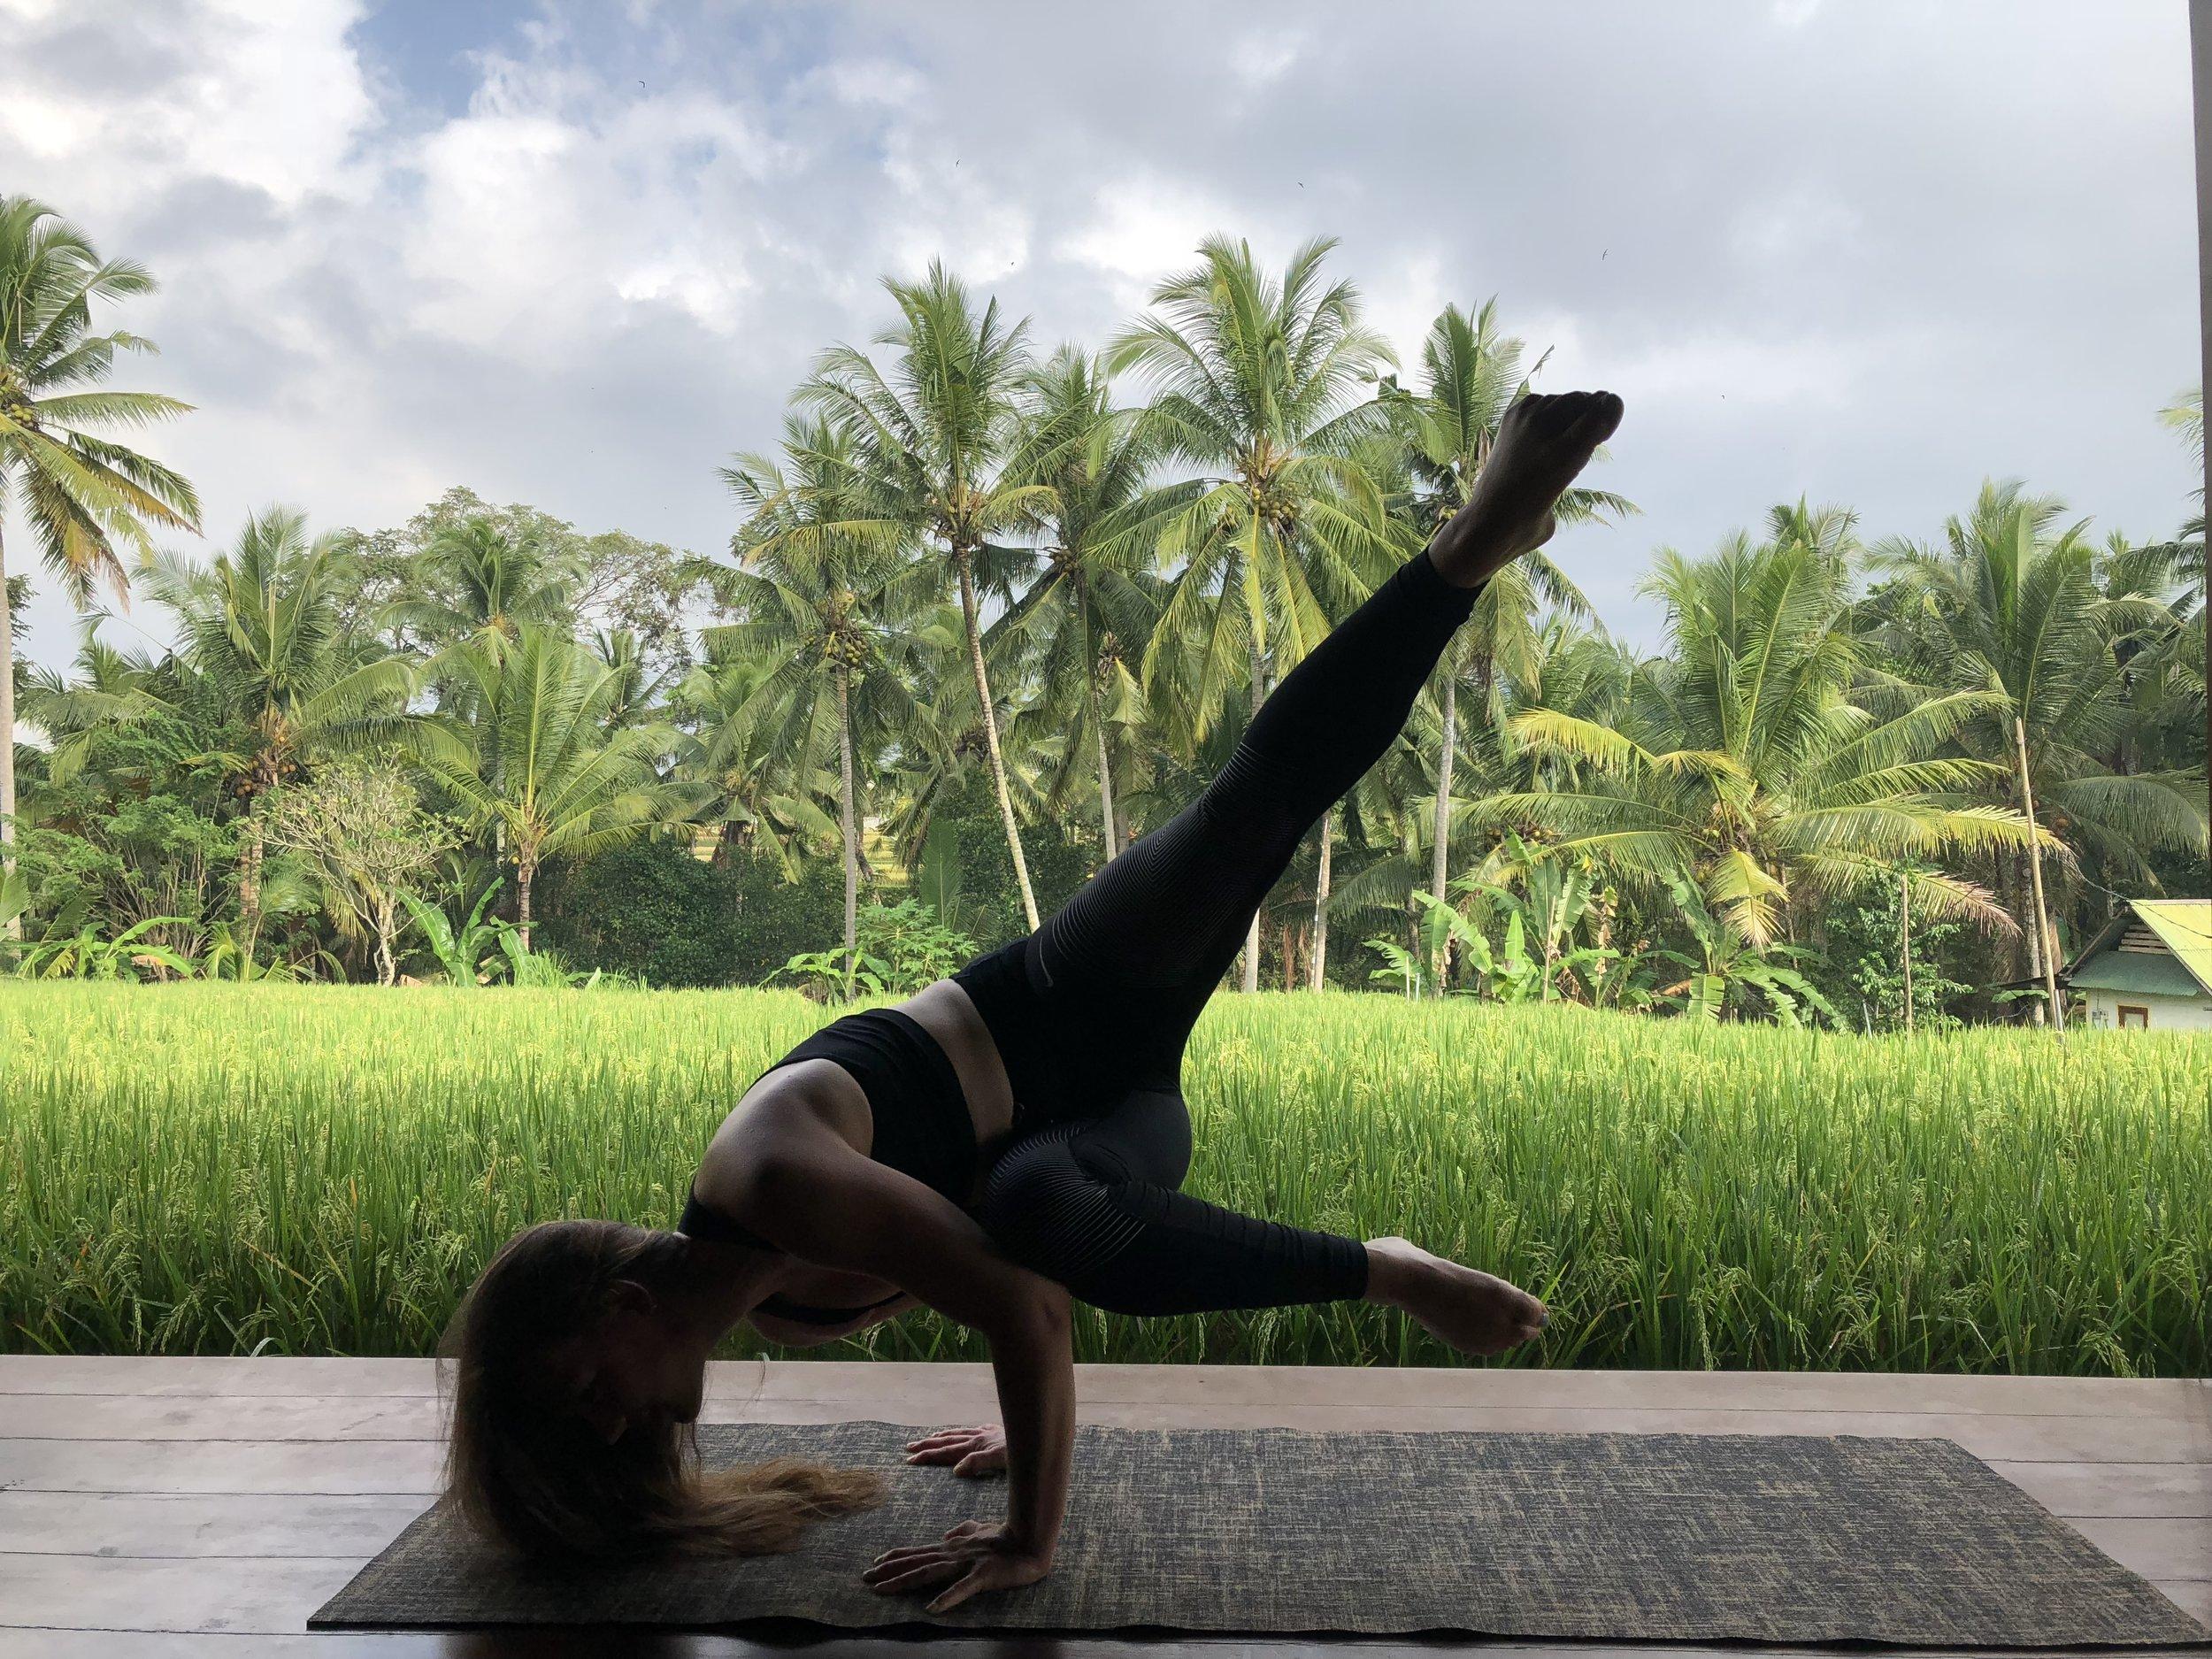 AUDREY - De nature sportive, originaire de Genève, Audrey est passionnée de sport en général et pratique pendant 14 ans de la gymnastique Agrès ainsi que du golf pour lequel elle joue dans les cadres régionaux. Après le collège, elle débute dans le monde de l'hôtellerie, un monde dur et intransigeant, qui en réalité se révèle ne pas être ce à quoi elle aspire. Ce fut pour elle une période difficile de doute et de questionnement. Pratiquant déjà un peu de yoga, c'est à ce moment qu'elle réalise tous les bénéfices que cette pratique peut apporter. Pour elle, en plus du bien-être corporel, le yoga apporte compréhension de soi, de son monde intérieur comme du monde extérieur, apprend le lâcher prise et l'acceptation.